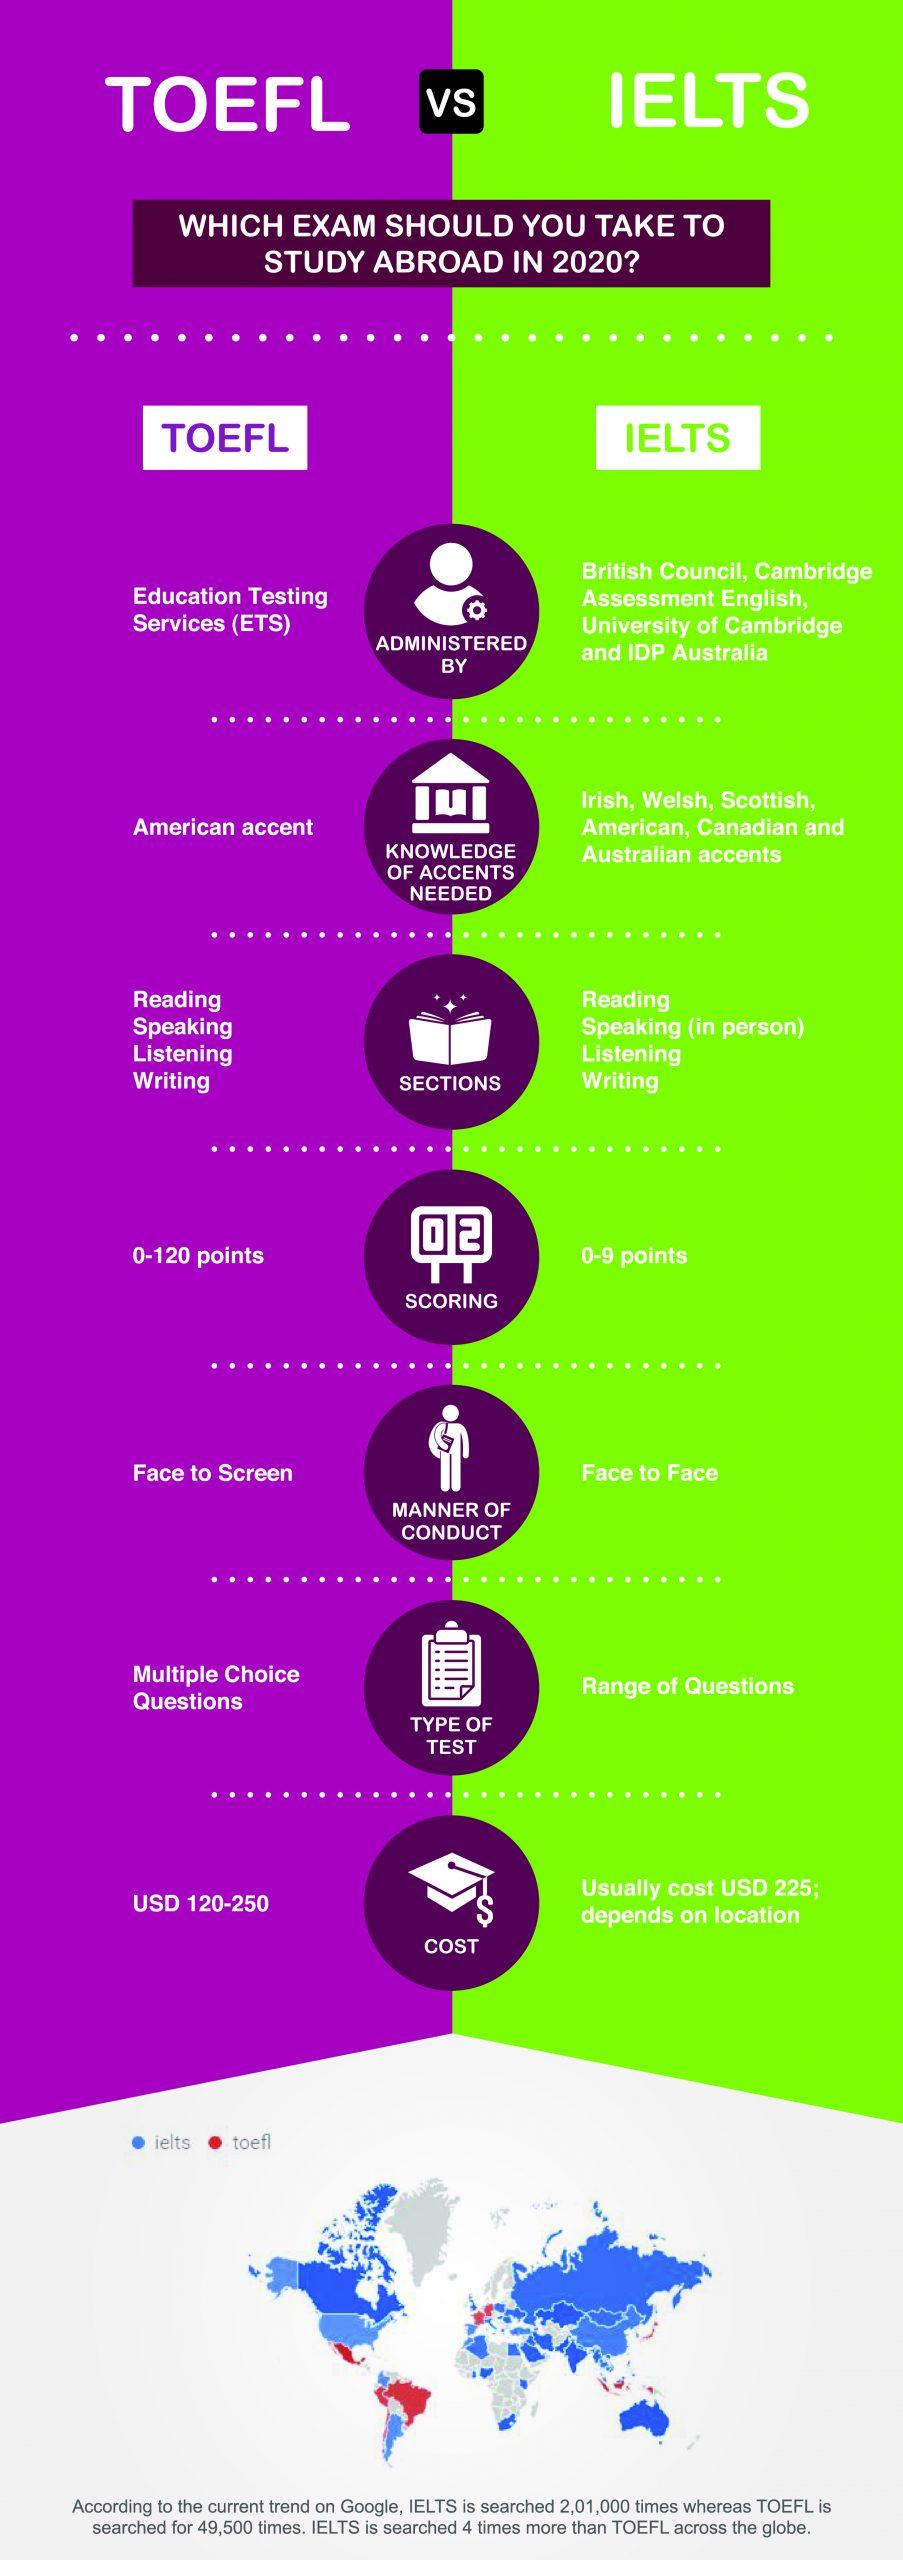 TOEFL vs IELTS 2020